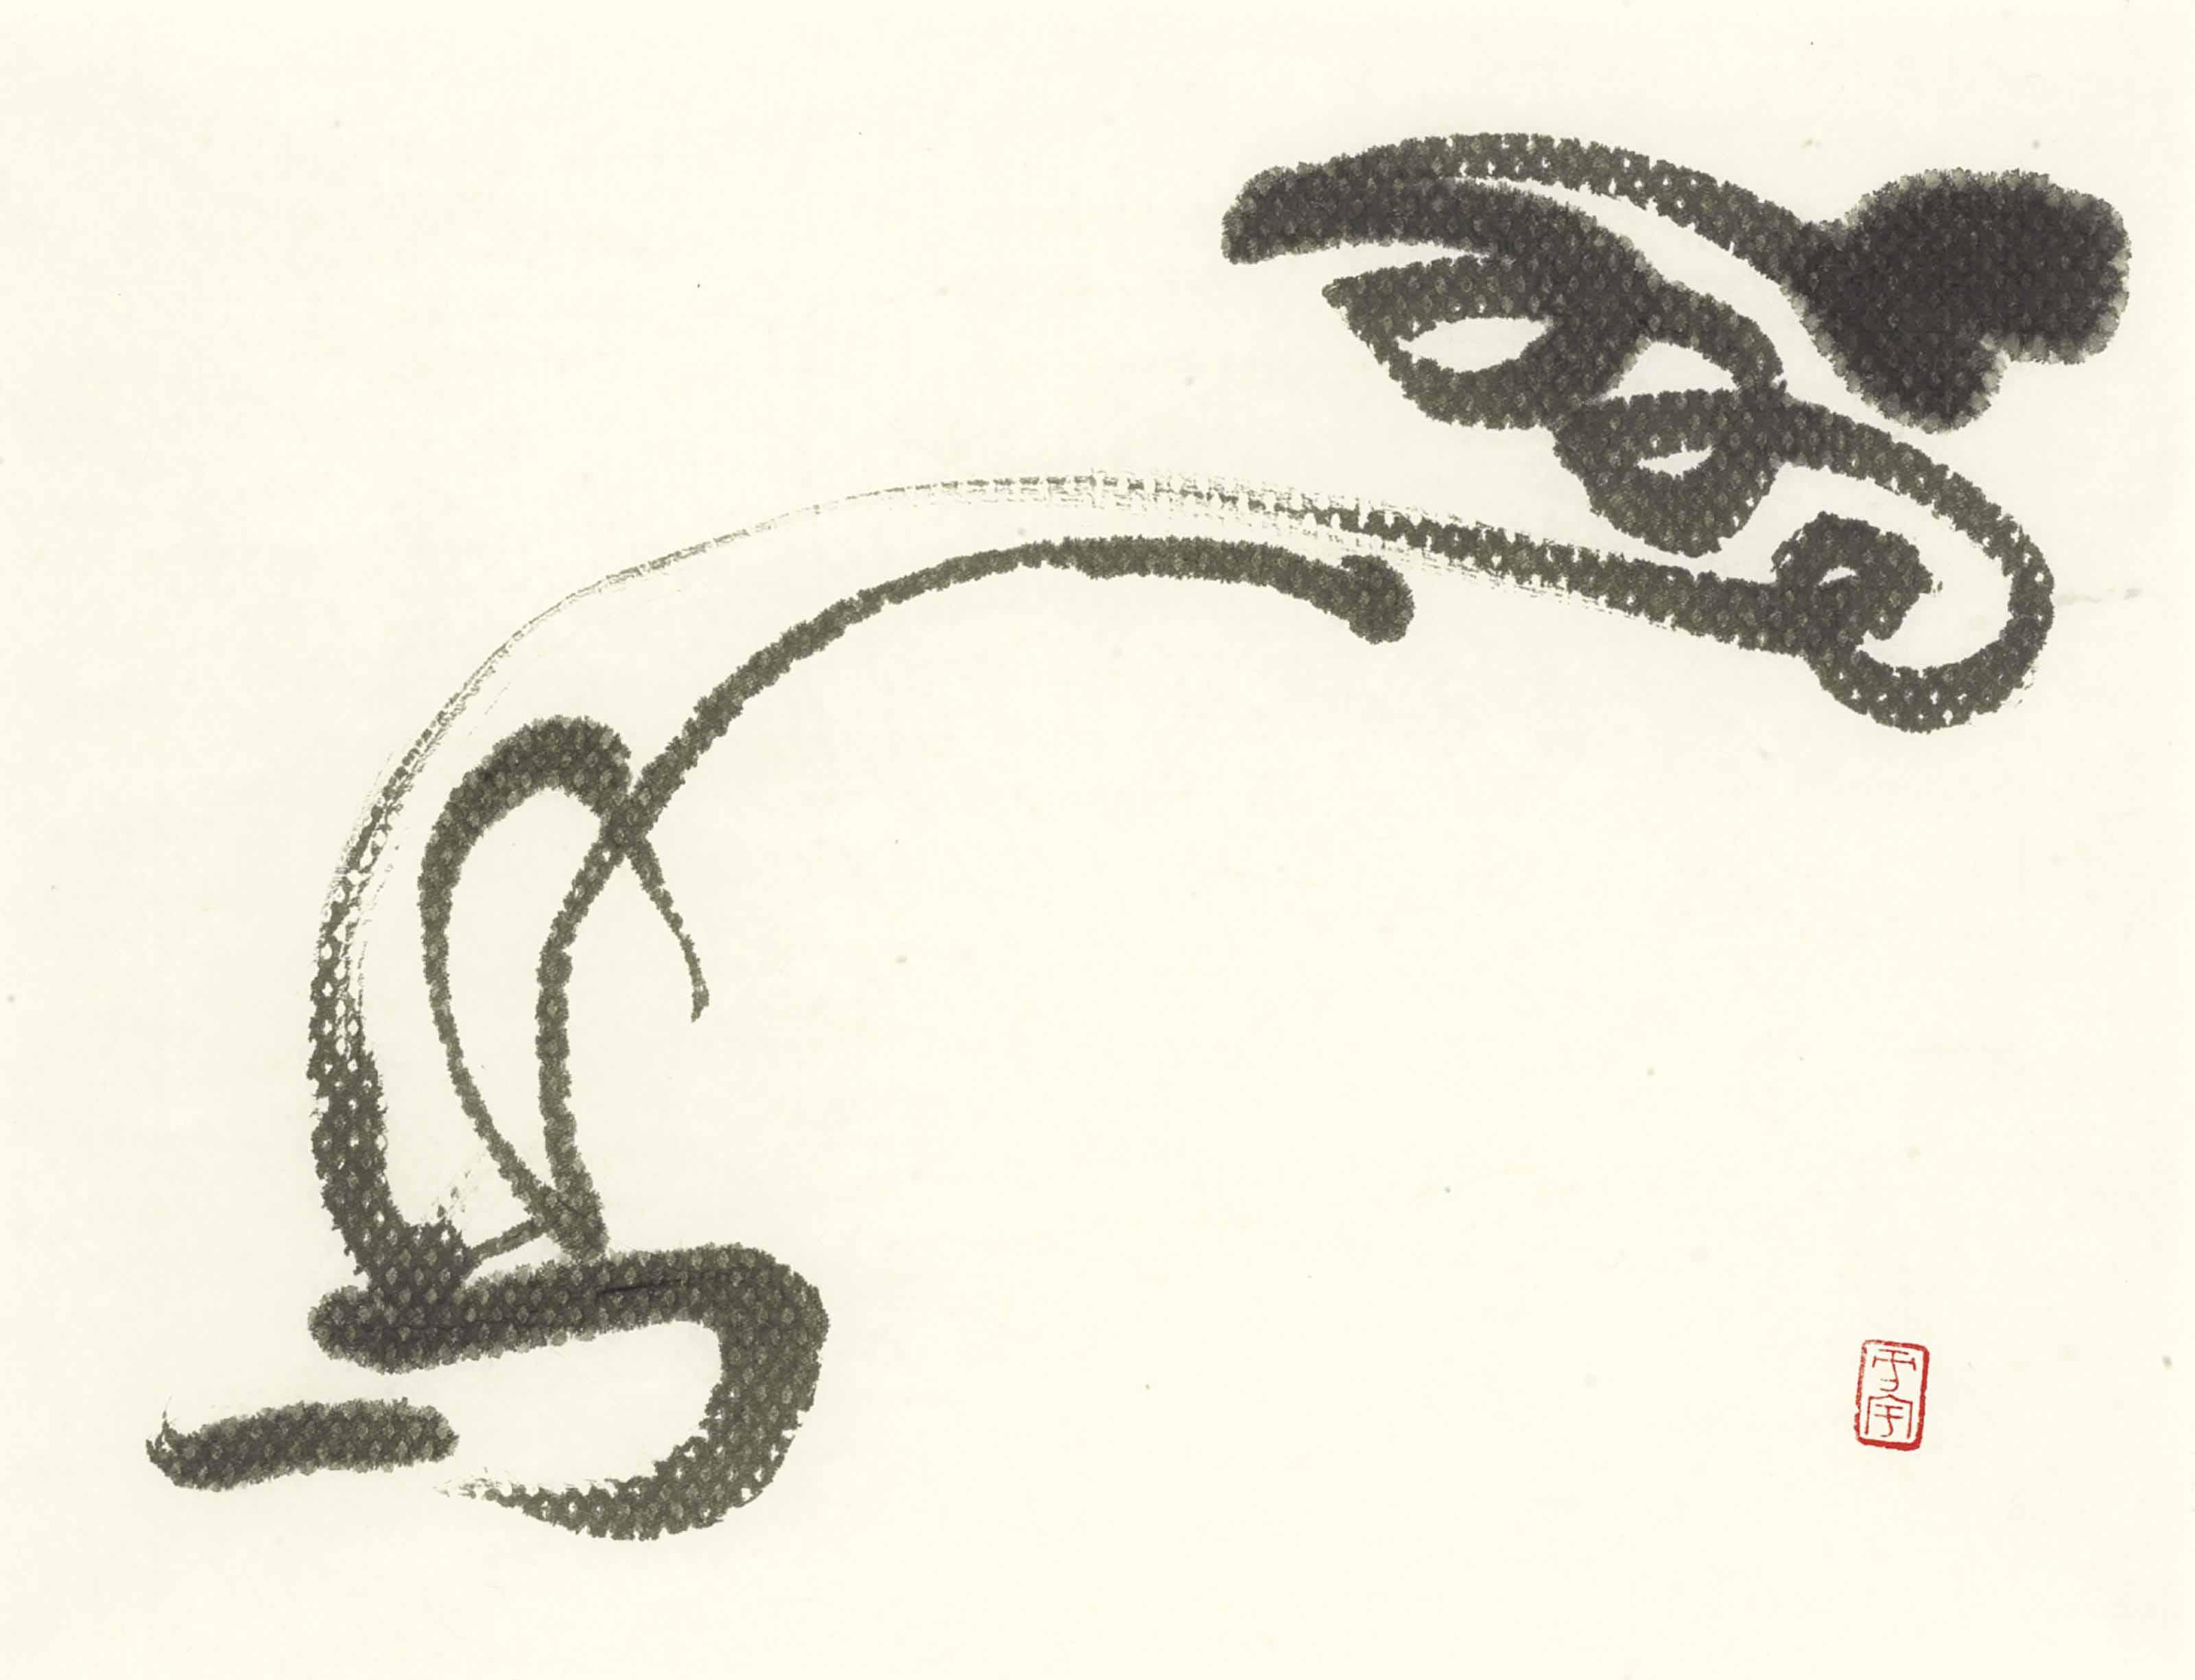 WANG FANGYU (1913-1997)